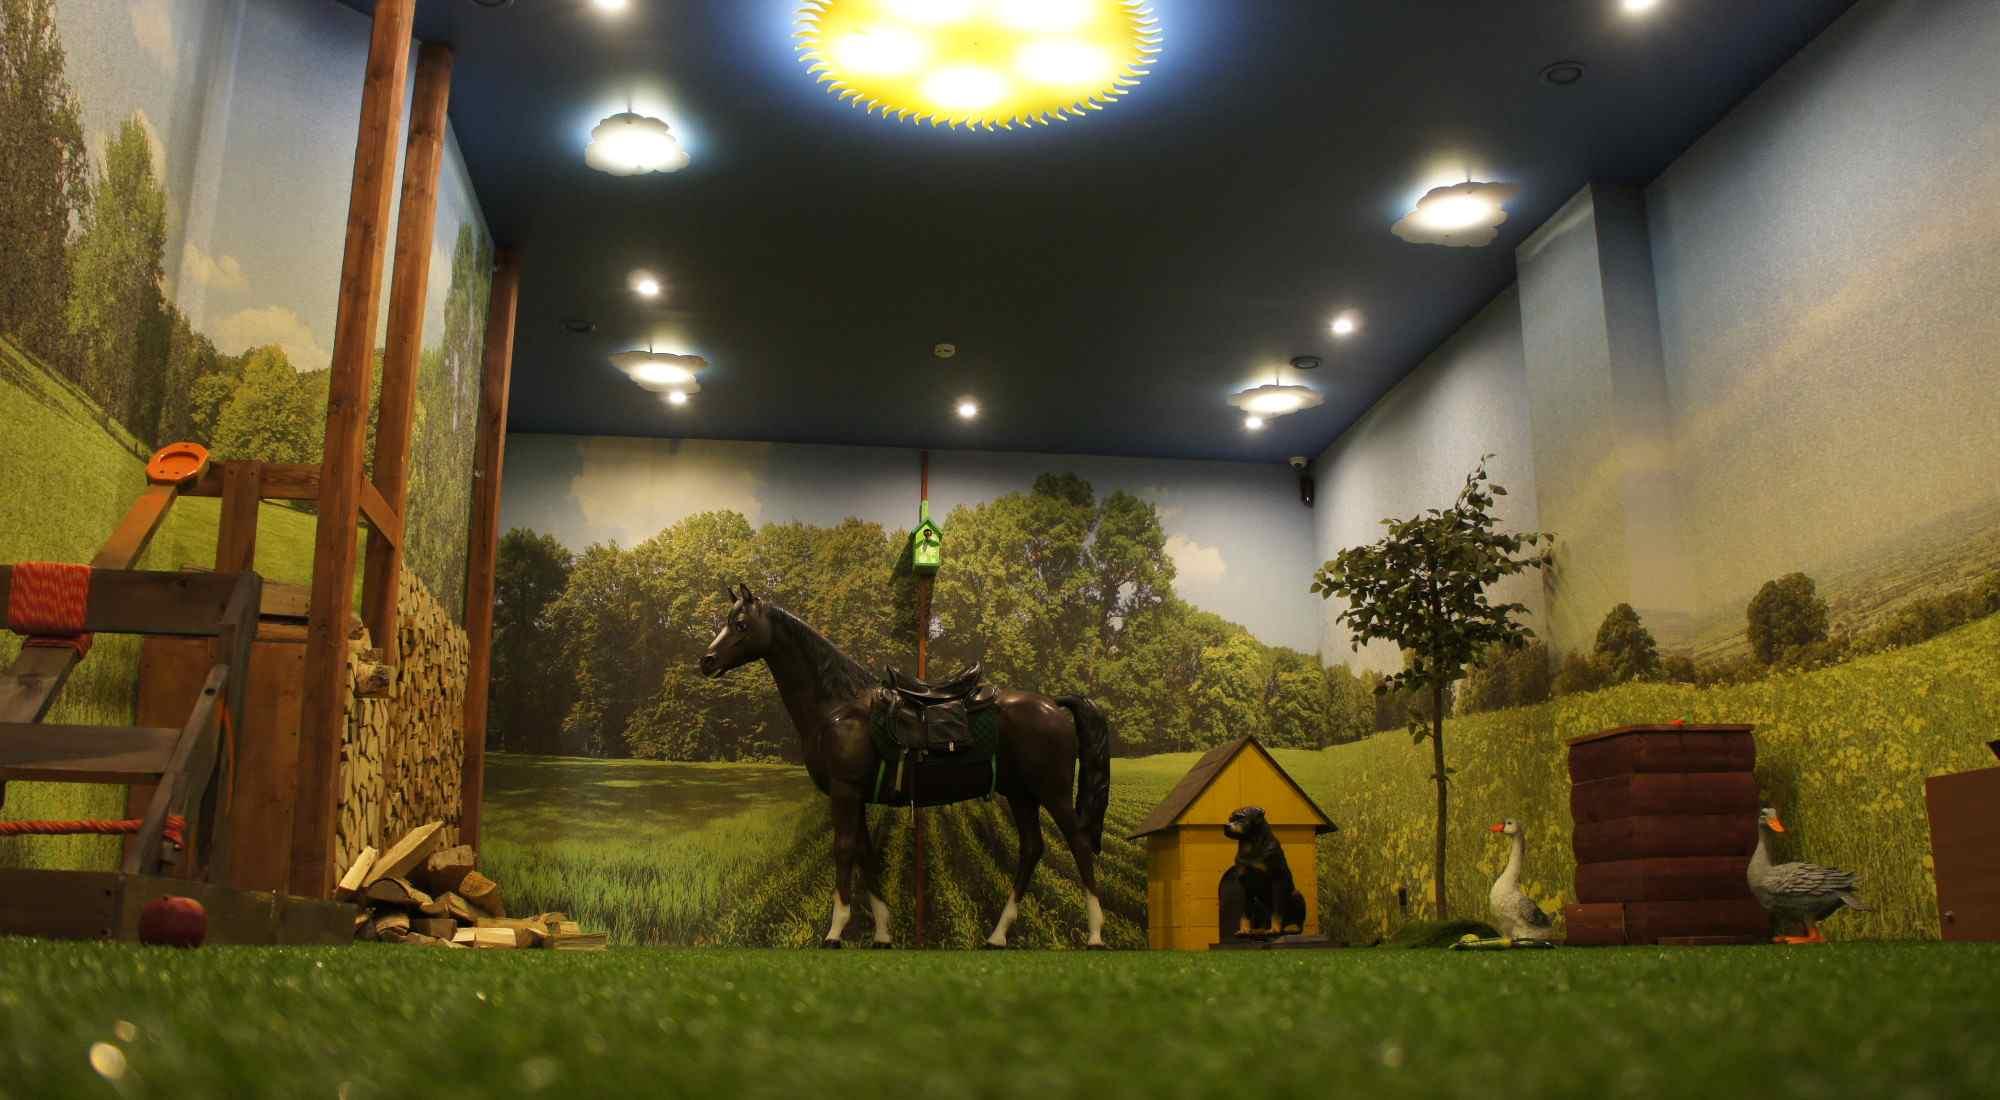 Квест Клад на ферме в Москве фото 1